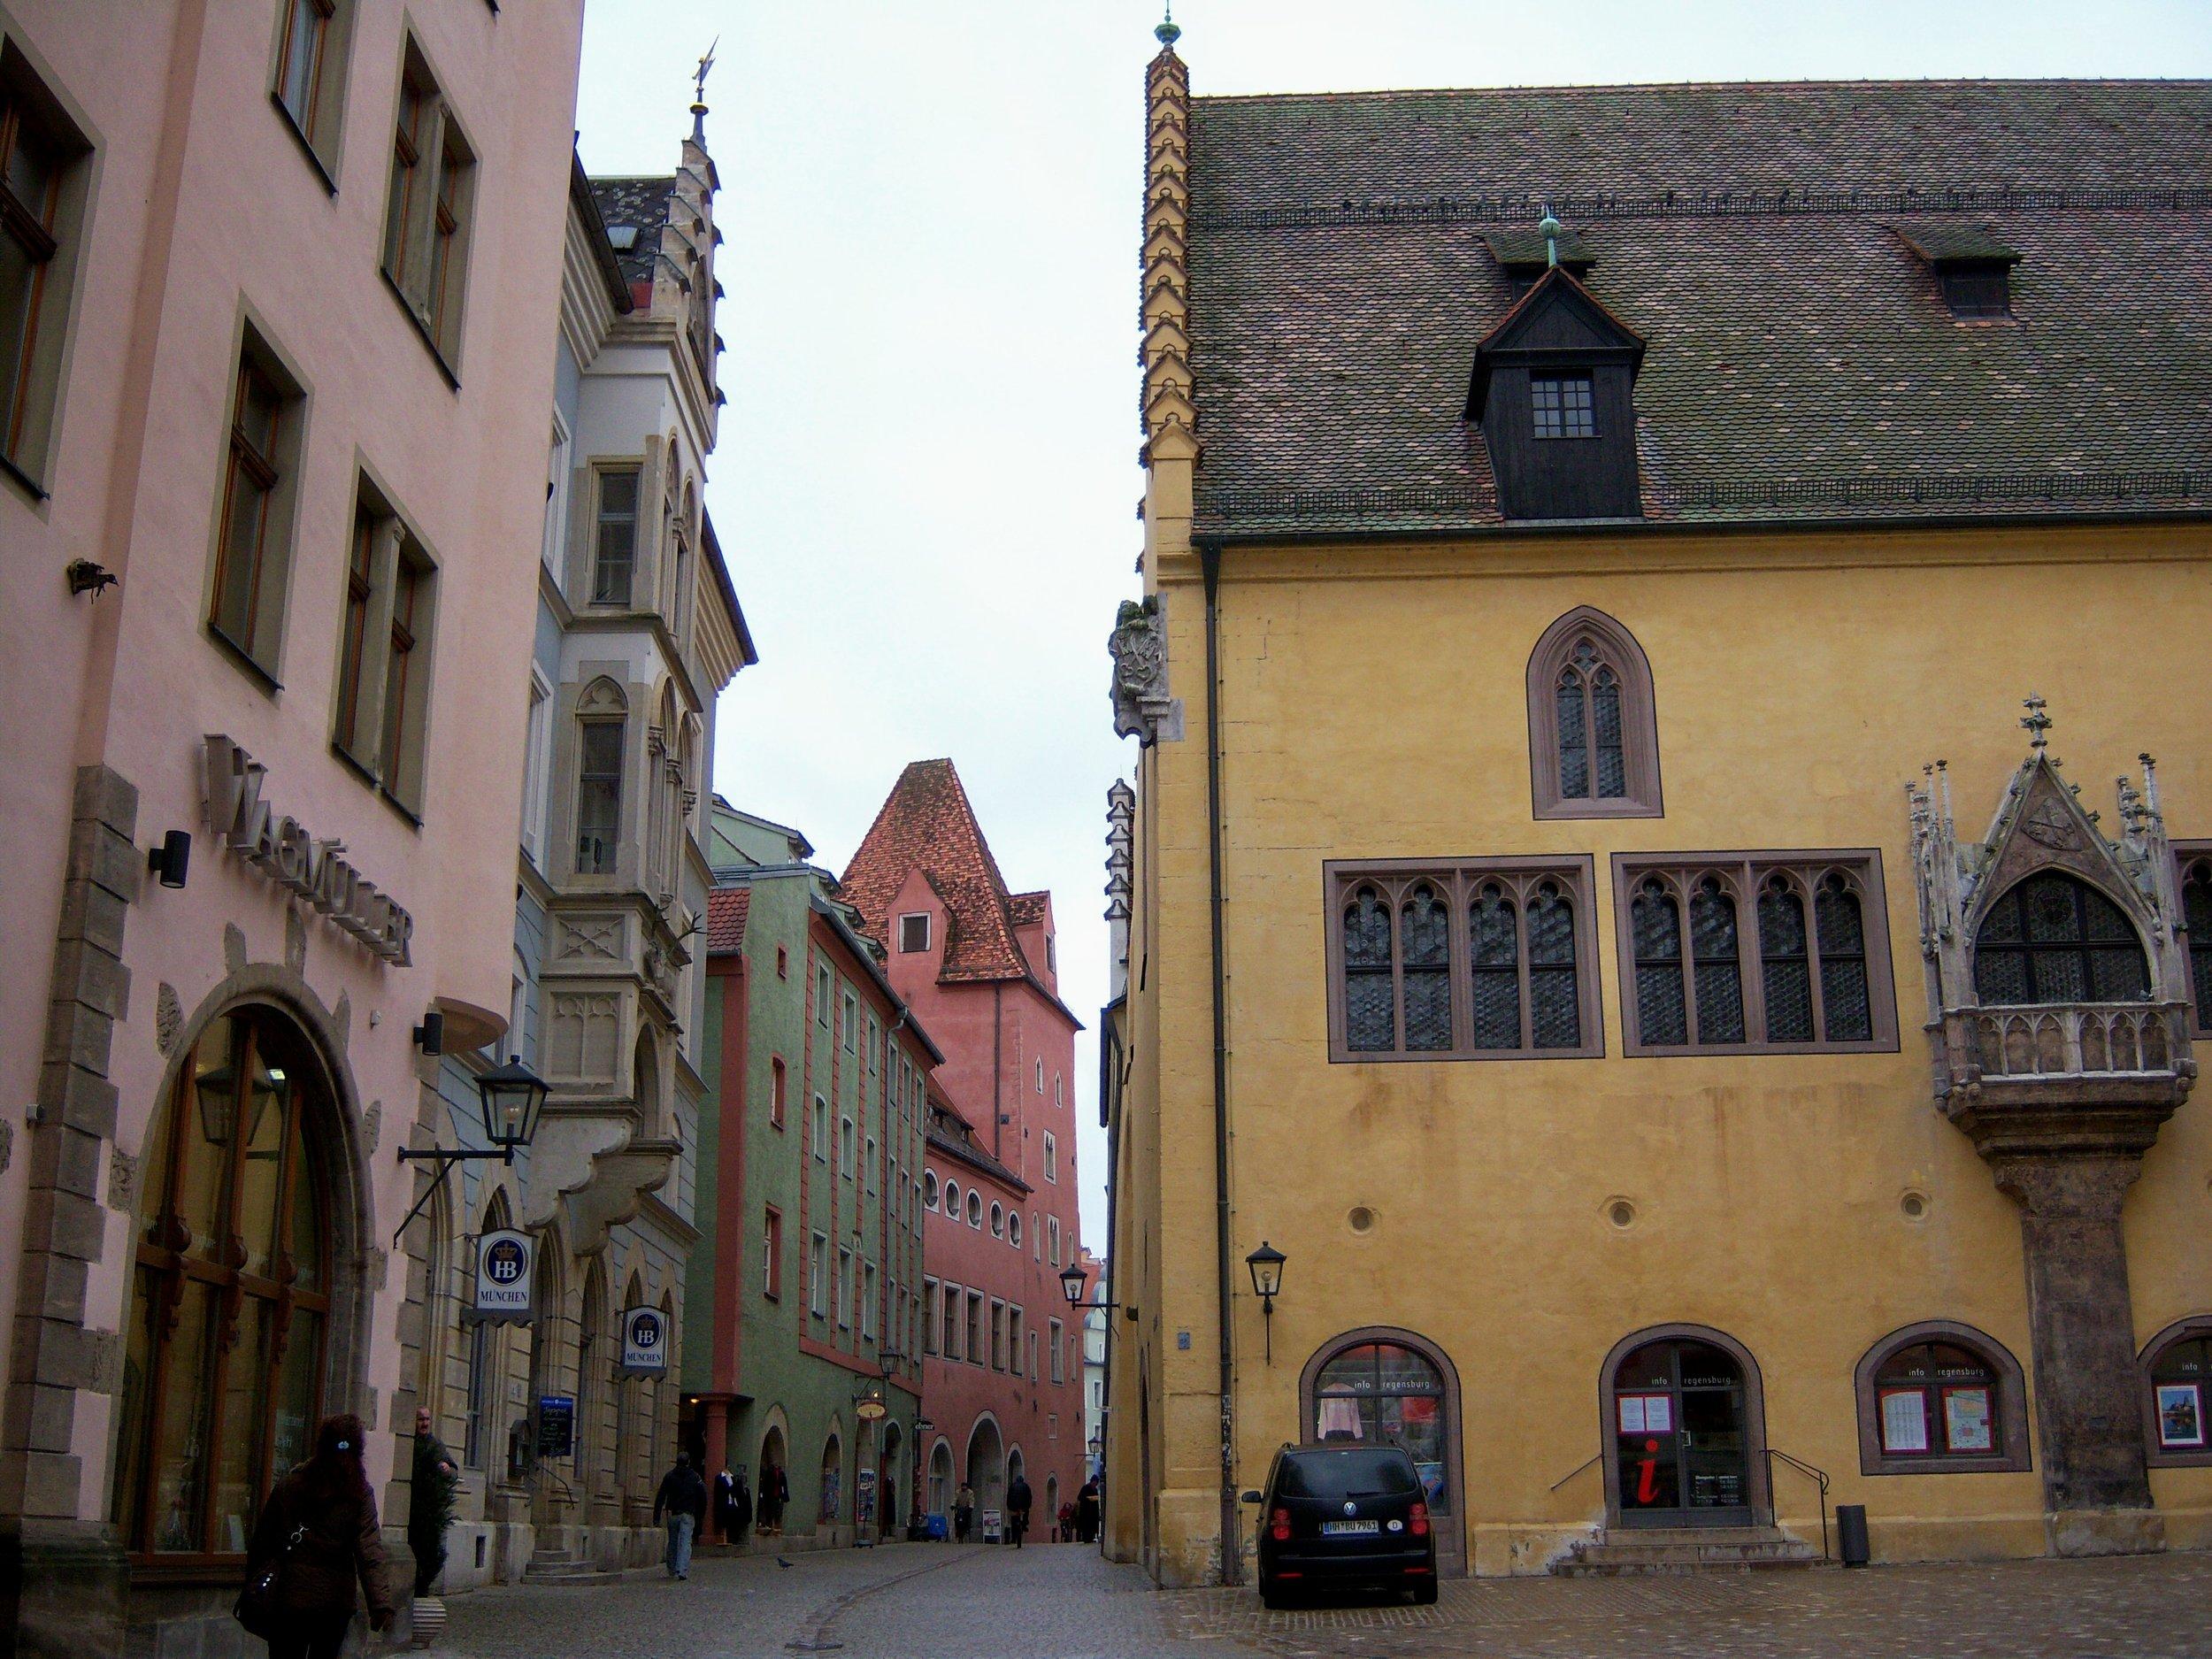 Regensburg_square.jpg